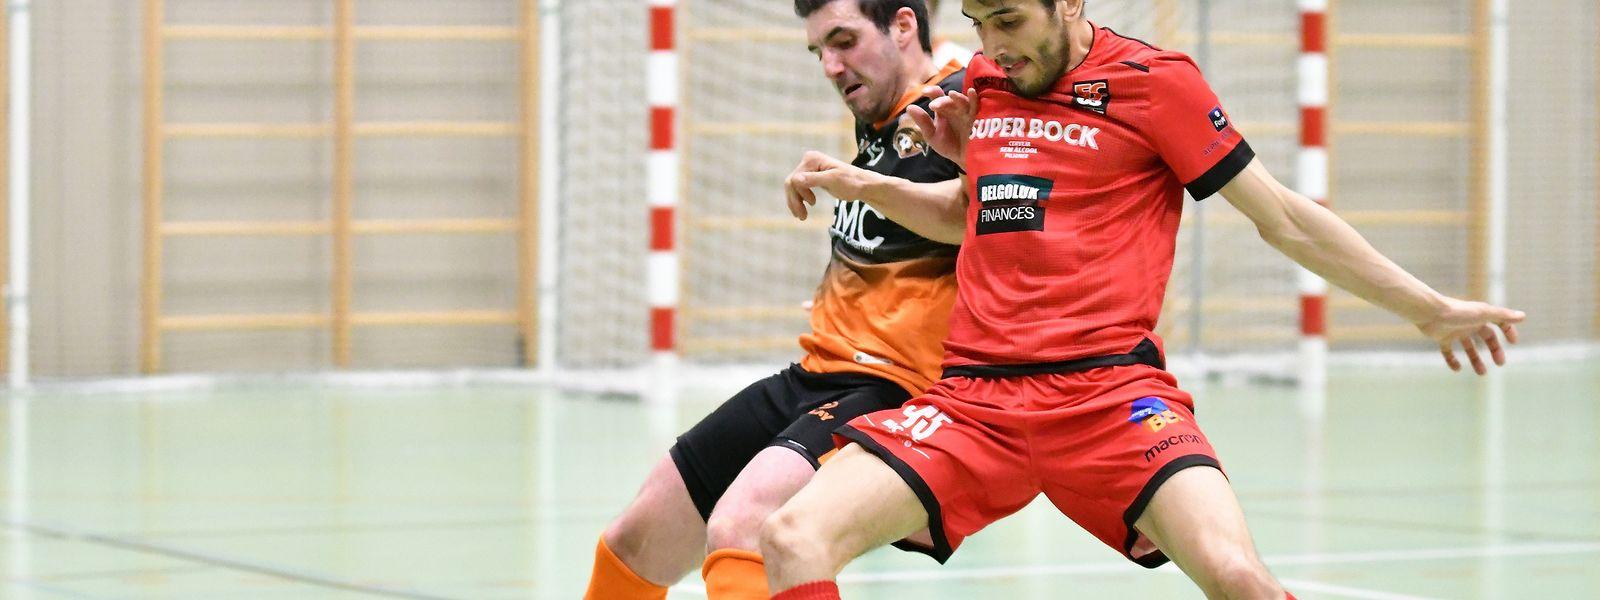 Rafael Pinto (Amicale Clervaux, orange, Amicale Clervaux) et Antonio Abreu (FC Differdange 03) se retrouvent dos à dos après la deuxième manche des play-offs